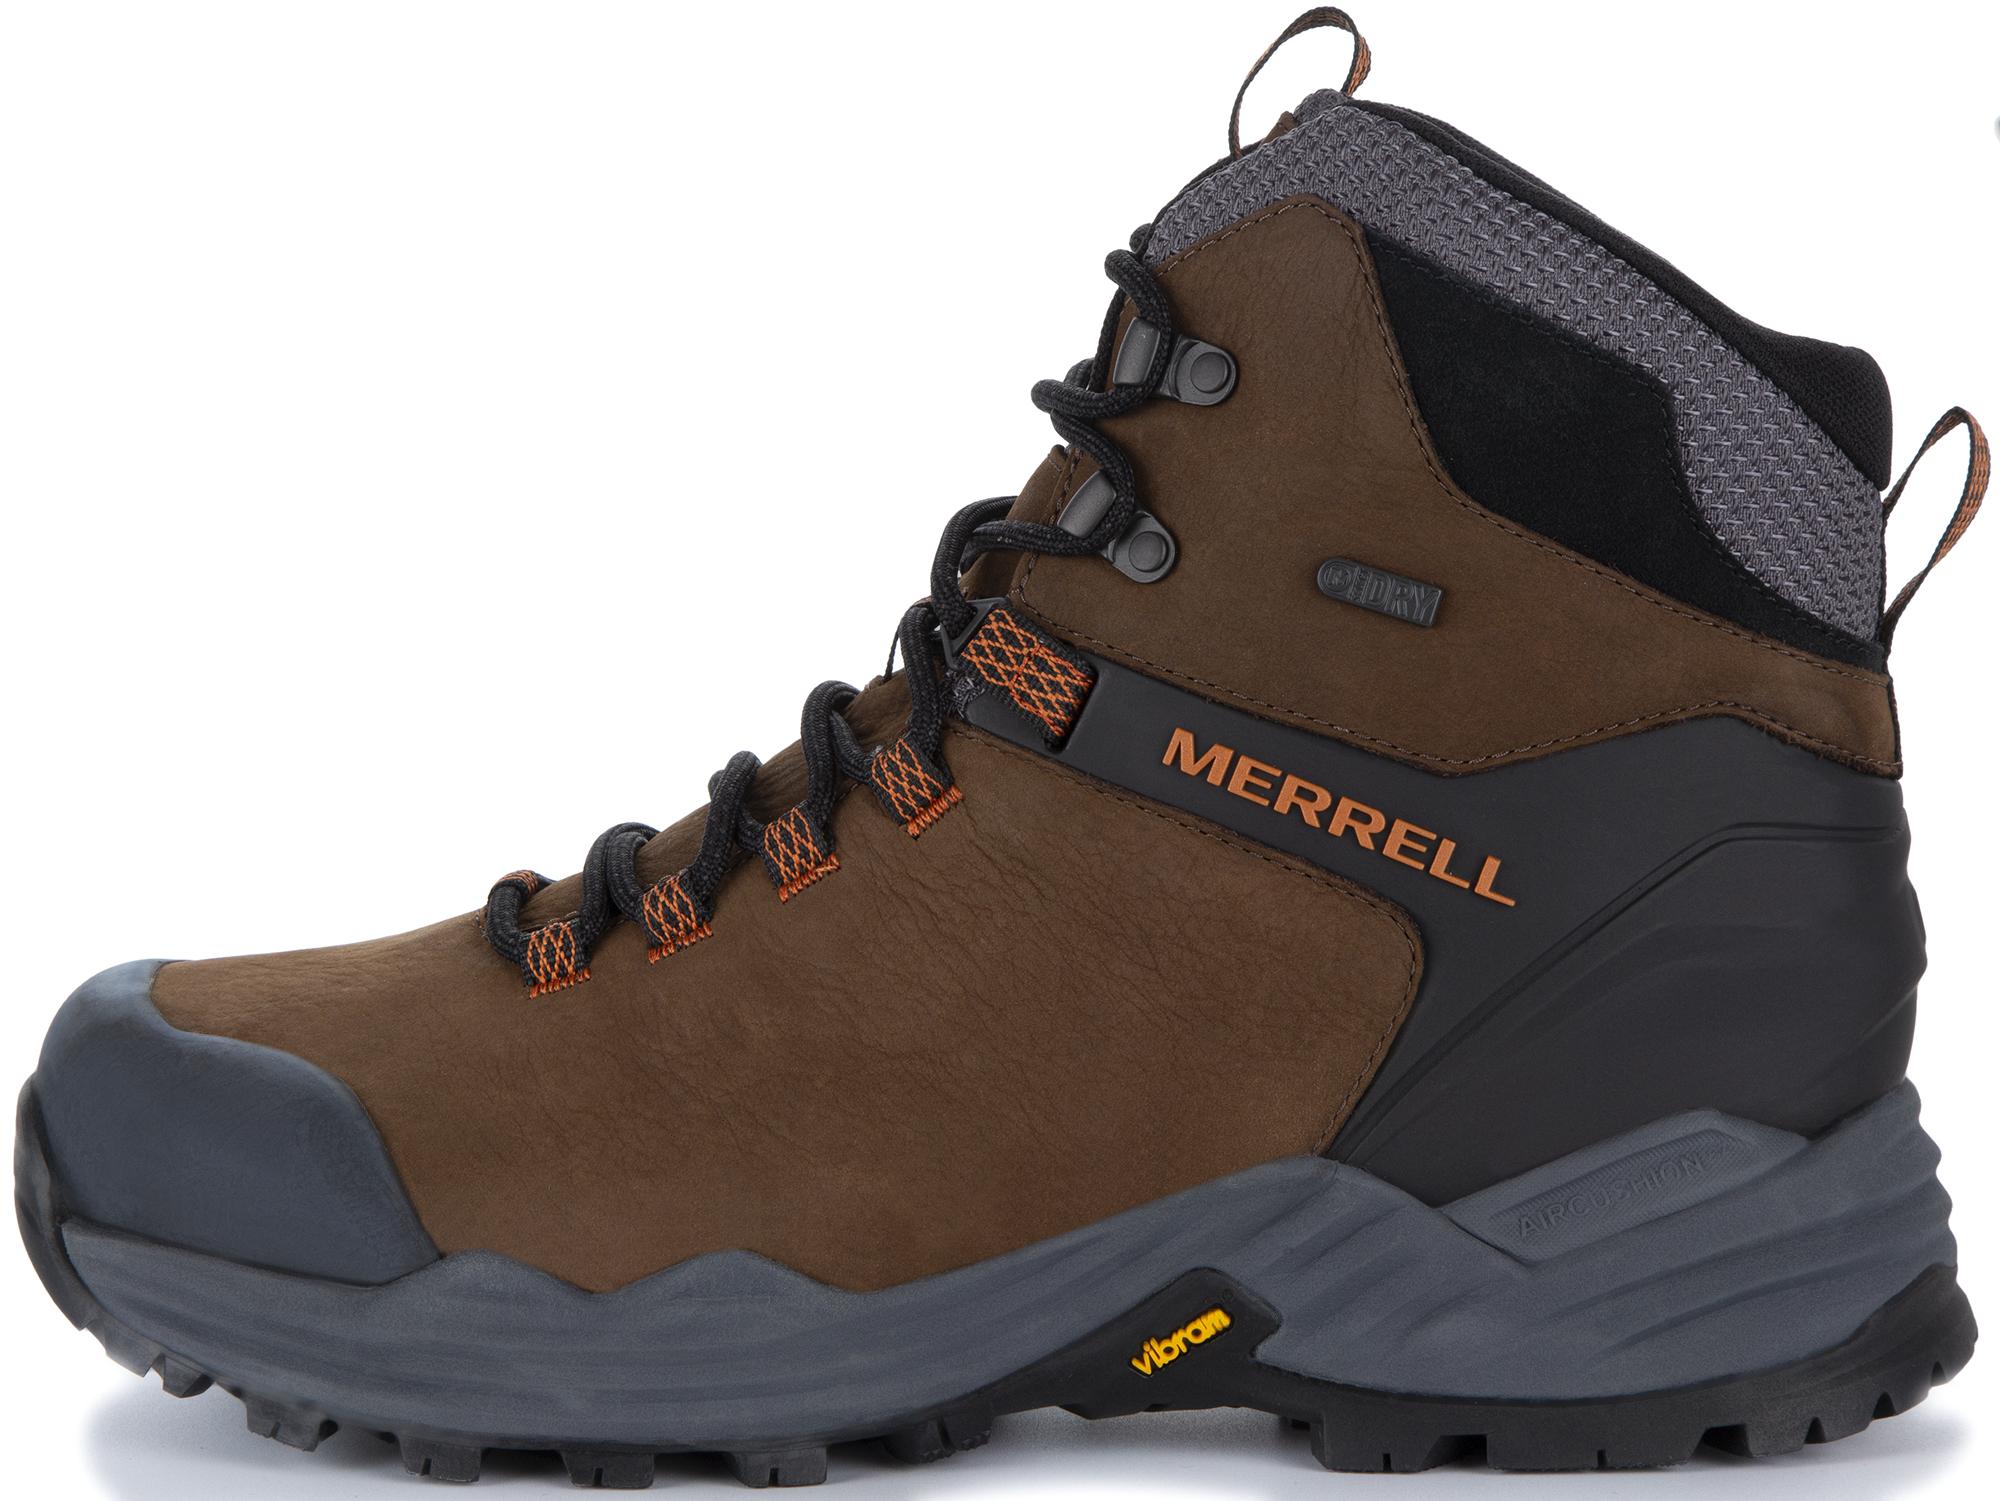 купить Merrell Ботинки мужские Merrell Phaserbound 2, размер 46 онлайн